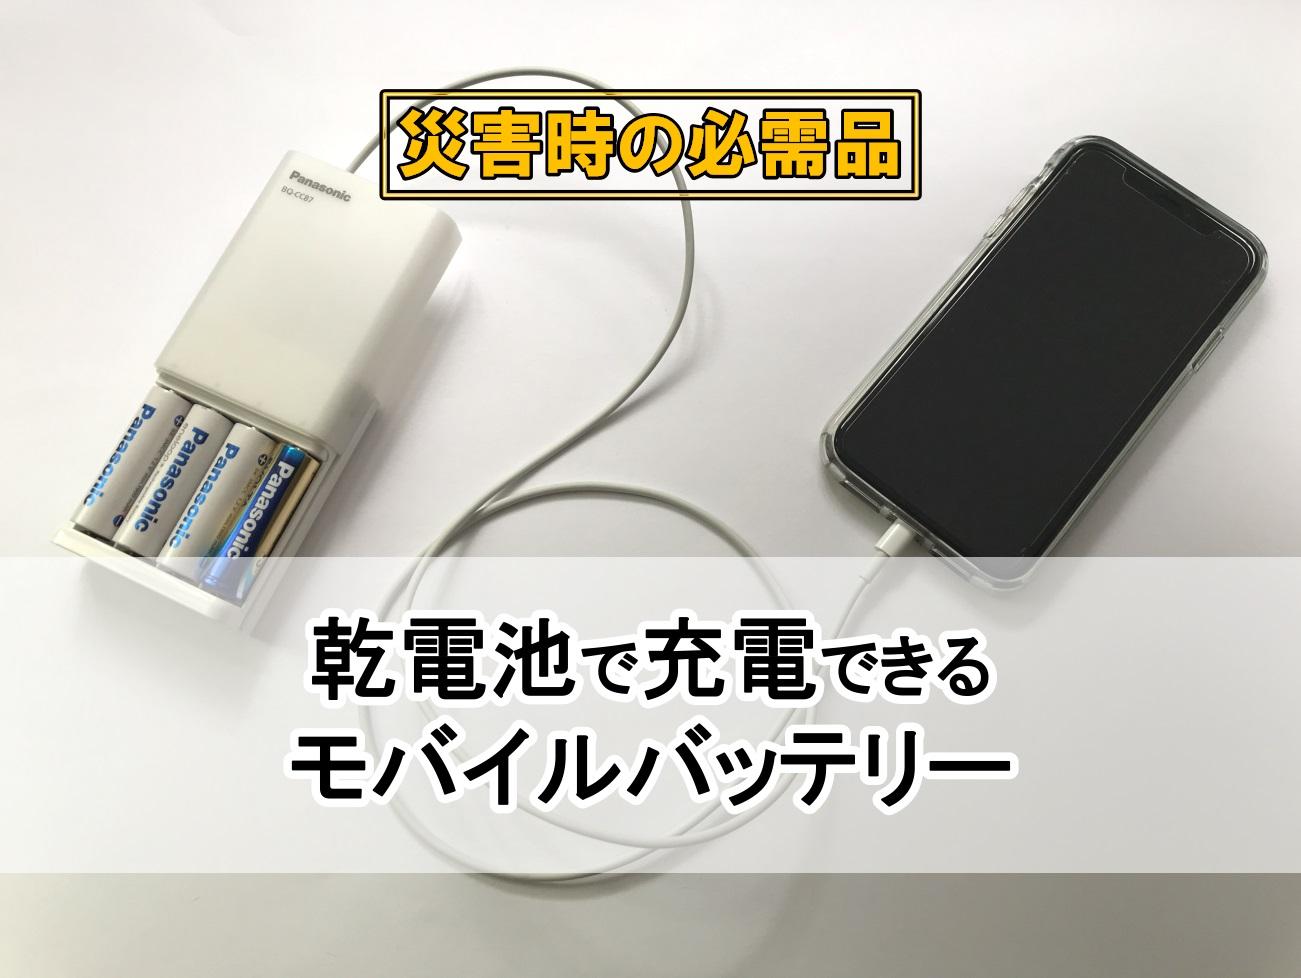 【災害時の強い味方】乾電池でiPhoneを充電できるPanasonicのモバイルバッテリー